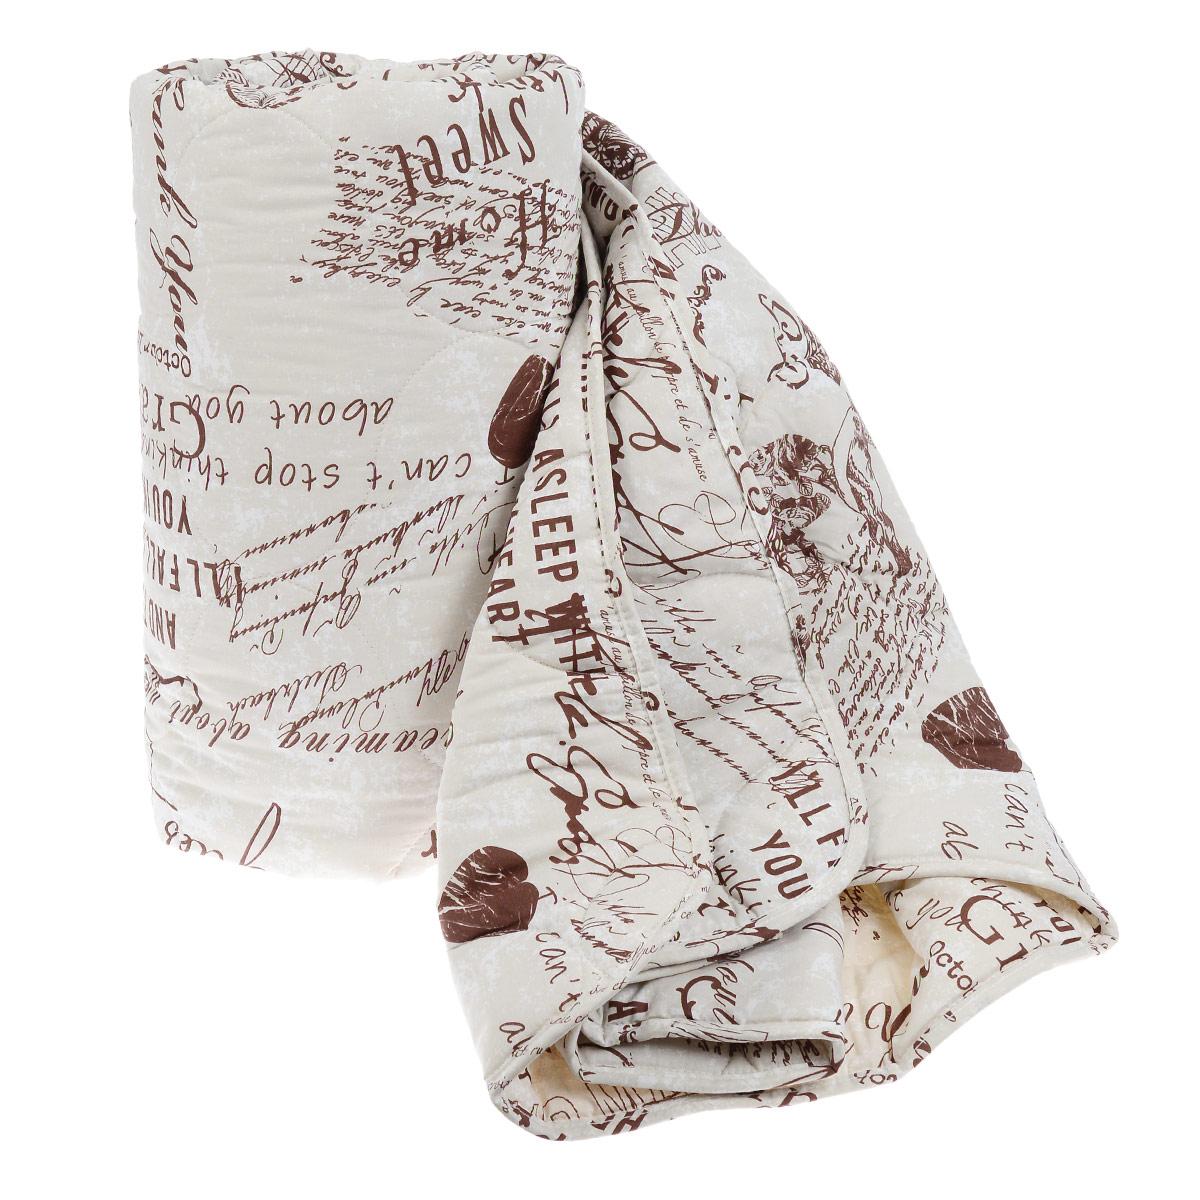 Одеяло Comfort Line, наполнитель: шерсть мериноса, 200 см х 220 см подушка comfort line меринос шерсть 70x70 183682